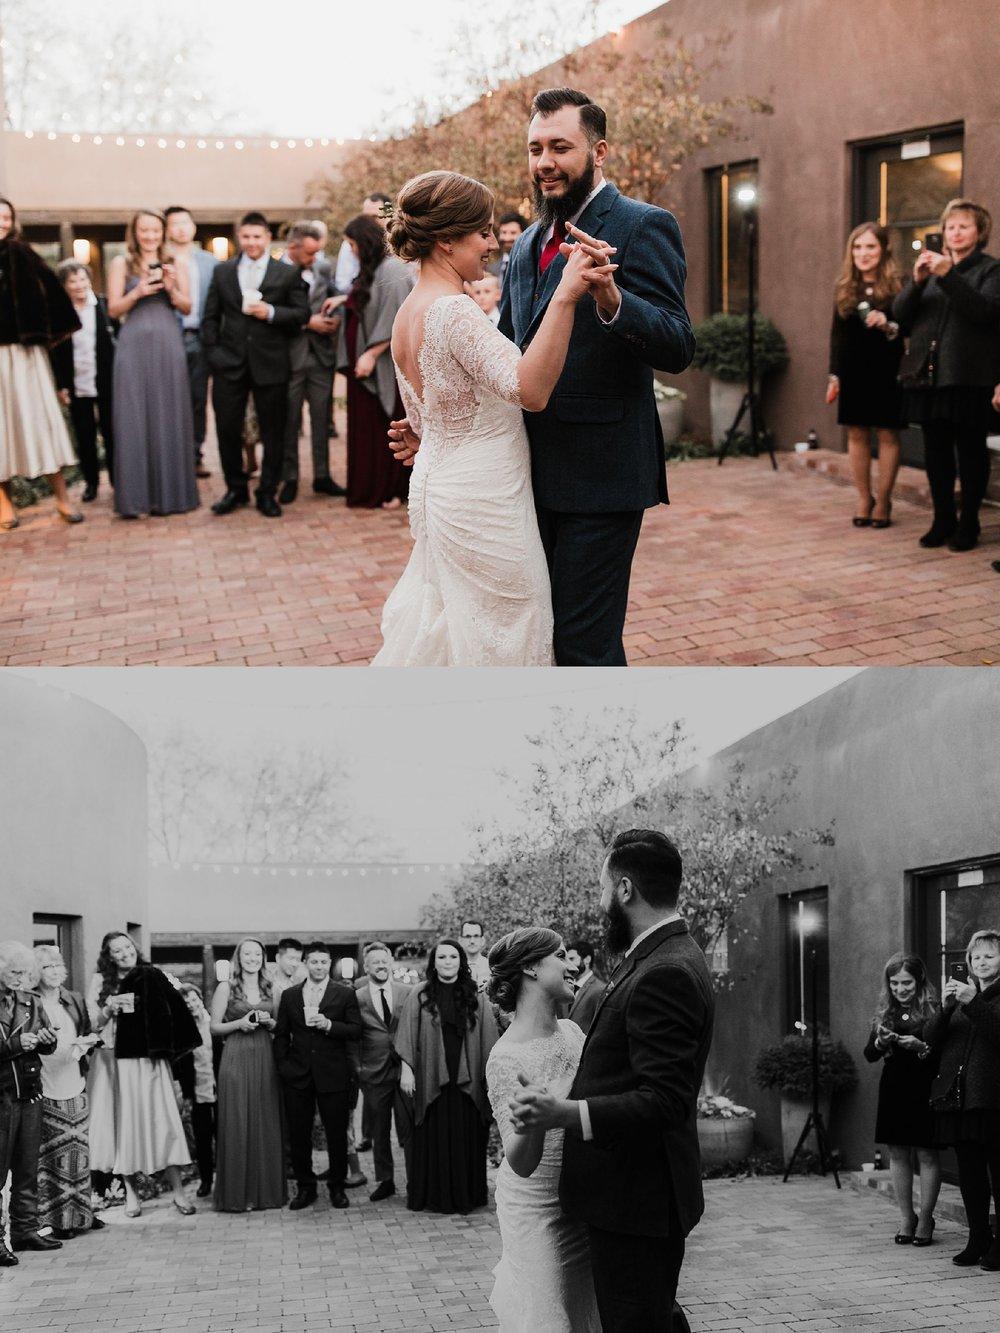 Alicia+lucia+photography+-+albuquerque+wedding+photographer+-+santa+fe+wedding+photography+-+new+mexico+wedding+photographer+-+new+mexico+wedding+-+albuquerque+wedding+-+santa+fe+wedding+-+wedding+first+dance+-+first+dance+songs_0009.jpg